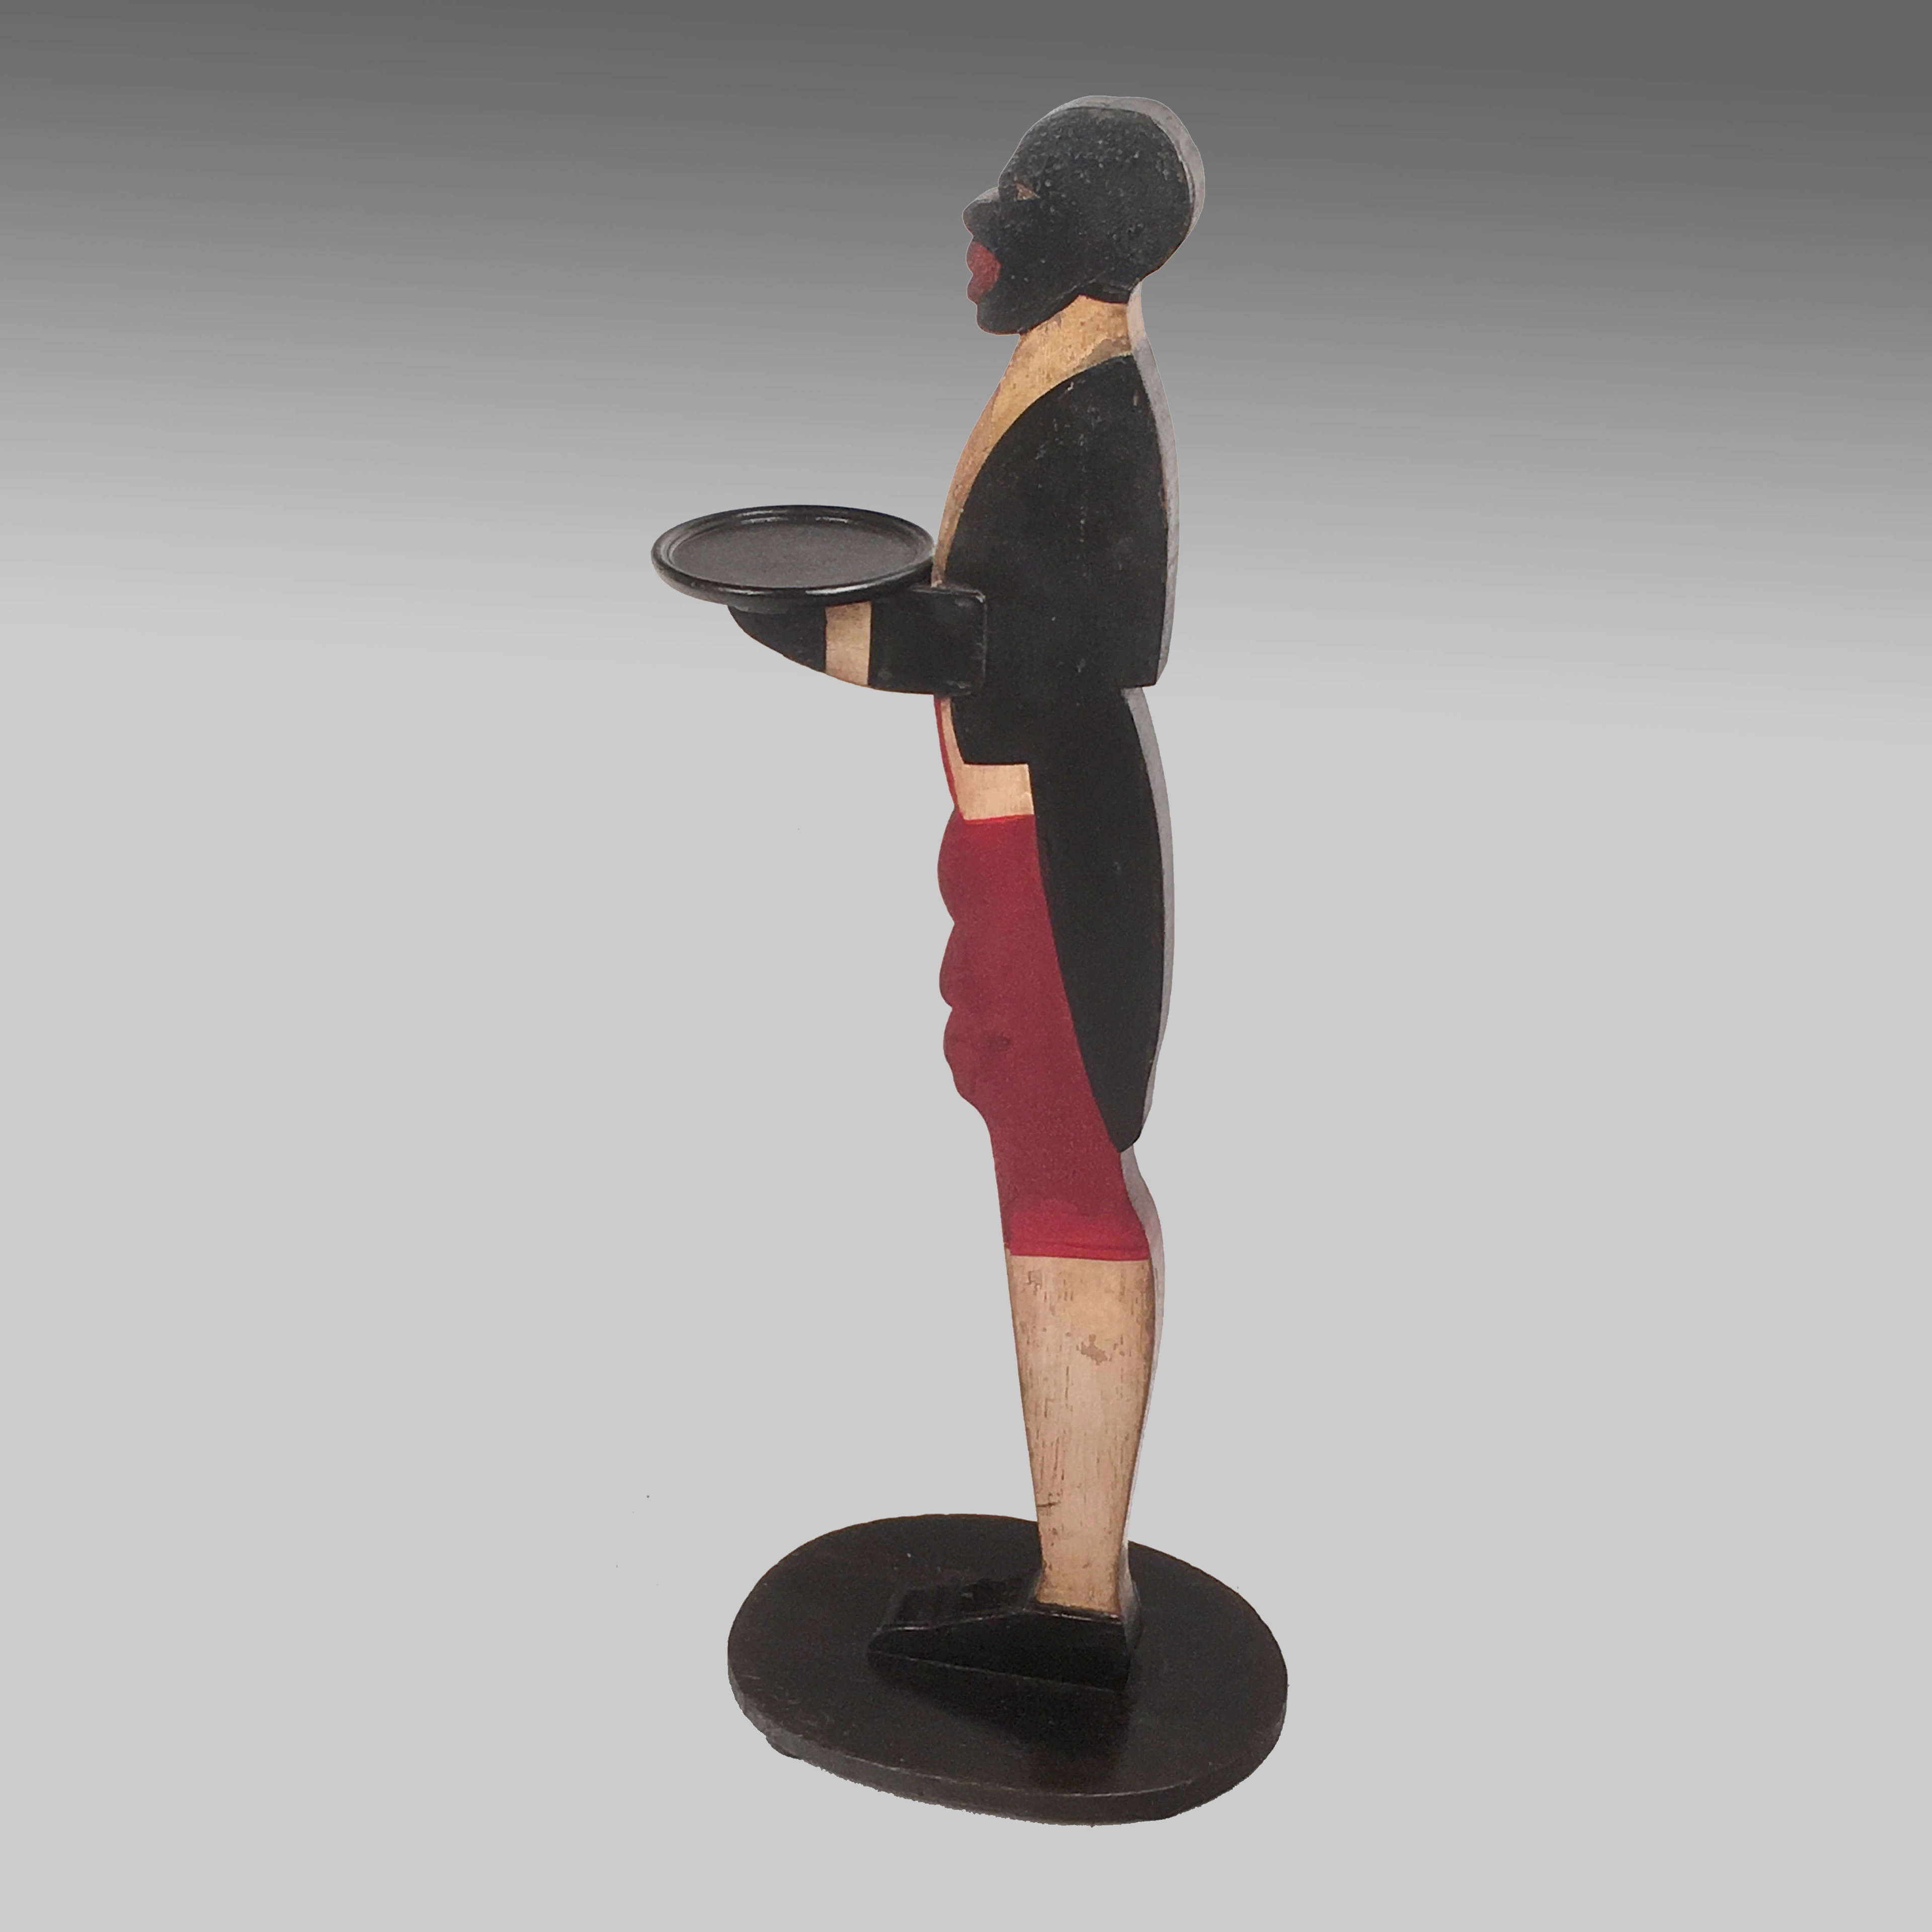 Art Deco bell hop dummy board